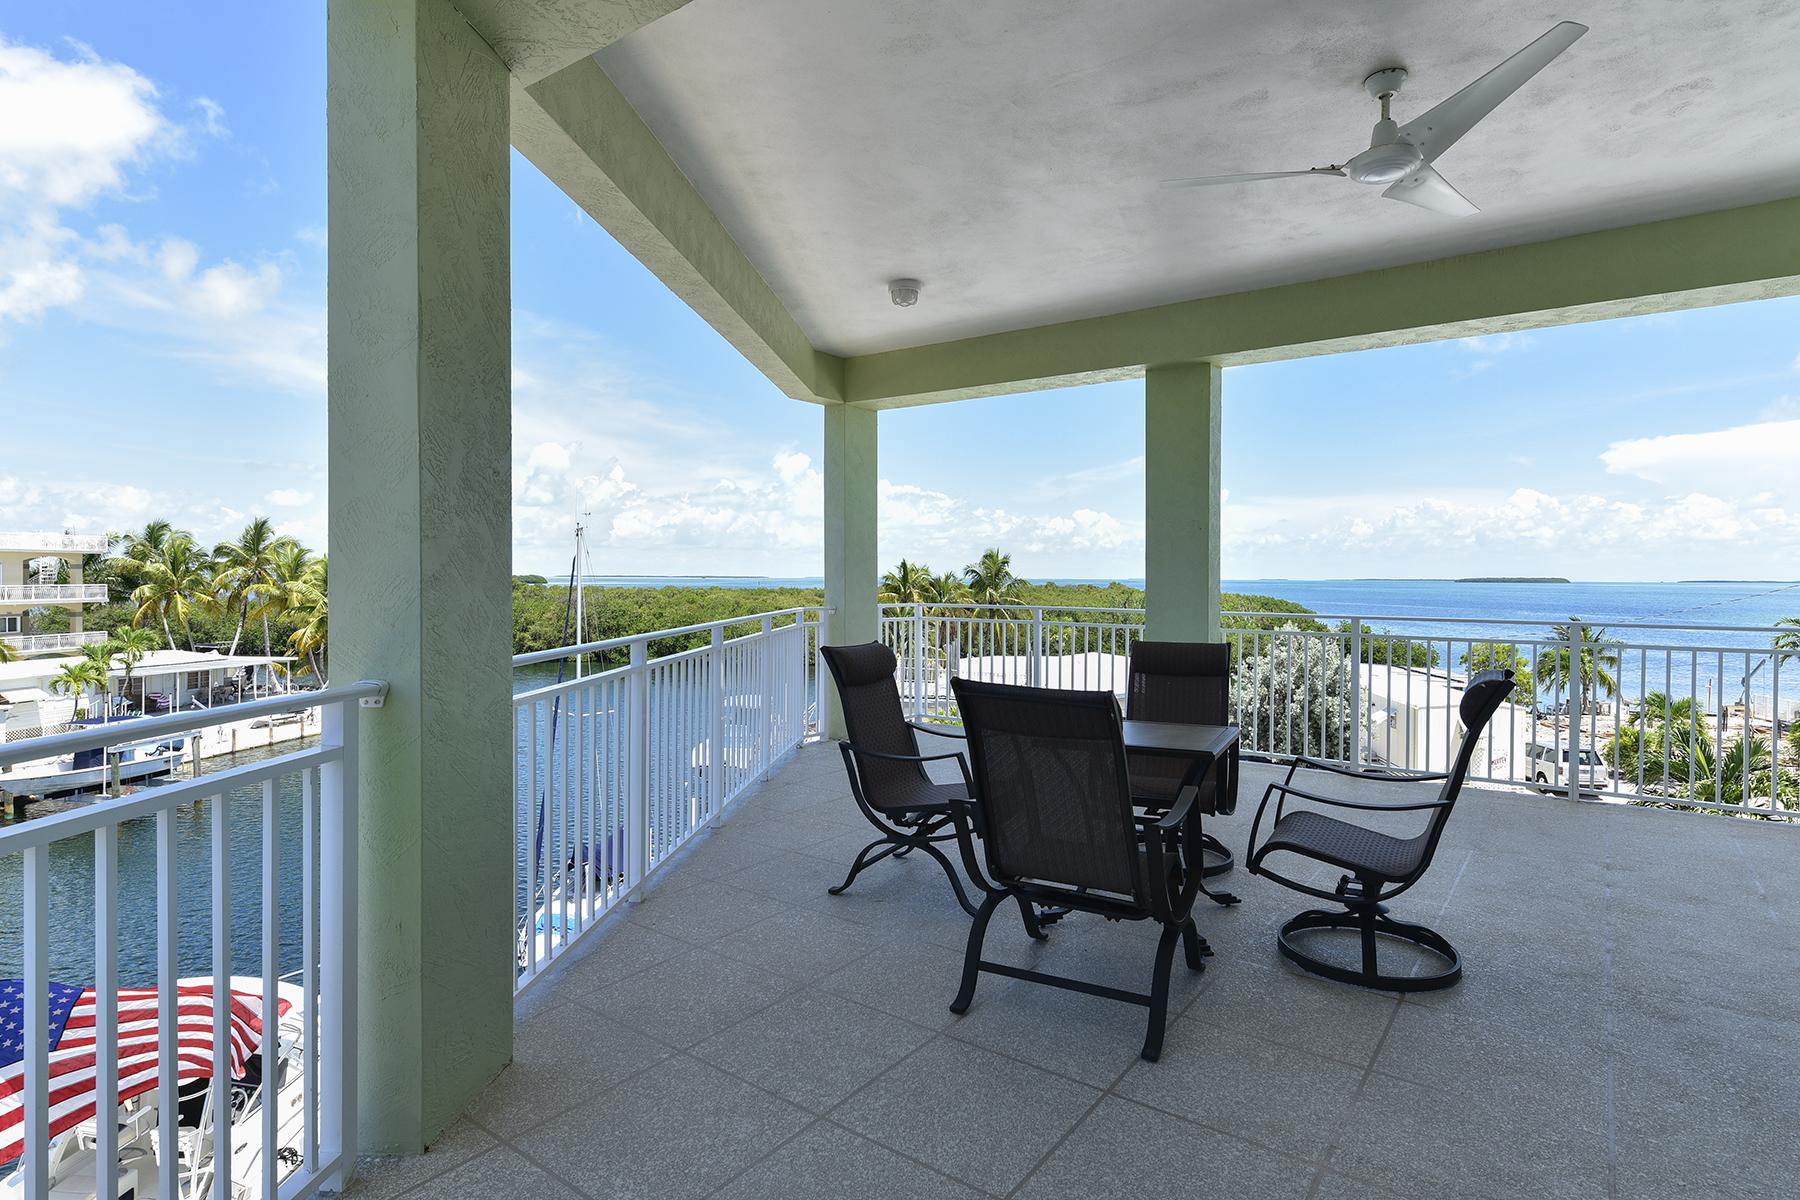 Частный односемейный дом для того Продажа на Desirable Waterfront Location 153 Westminster Drive Key Largo, Флорида, 33037 Соединенные Штаты